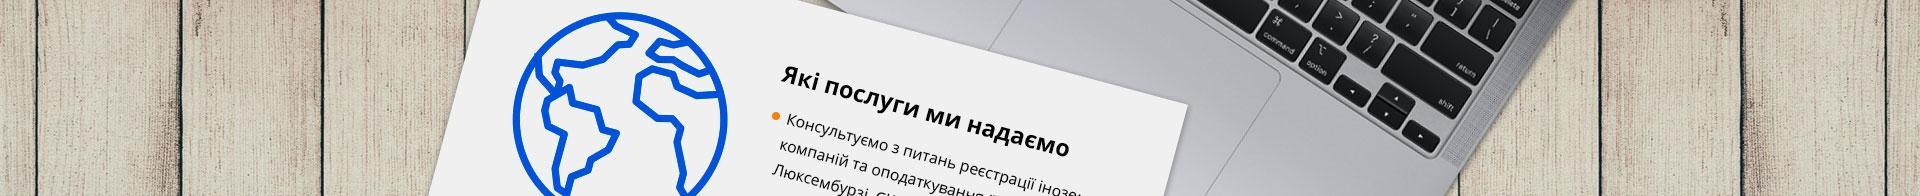 Регистрация IT-компаний за рубежом icon